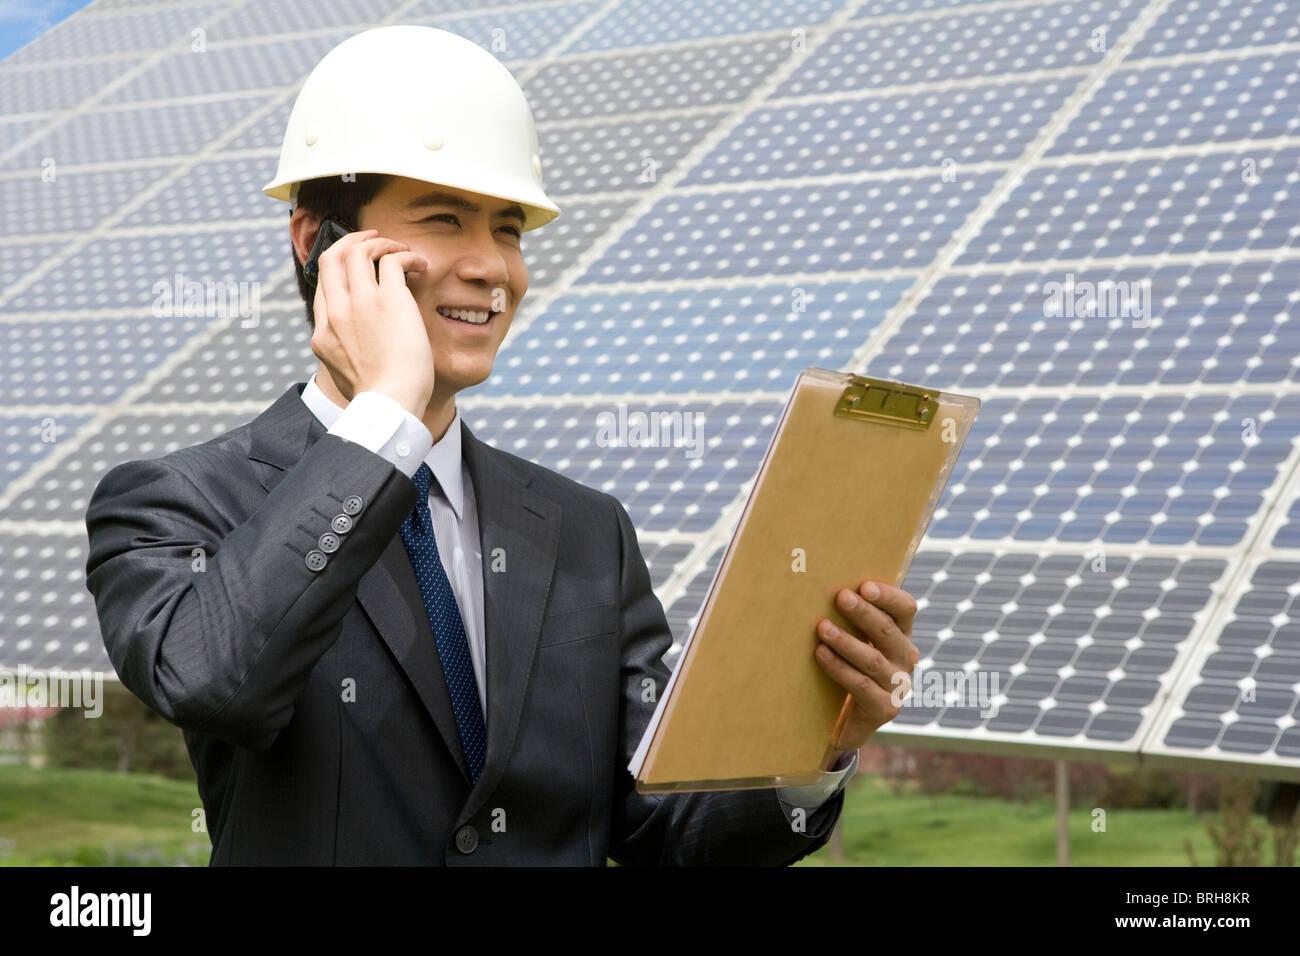 Ritratto di un ingegnere di fronte a pannelli solari Immagini Stock